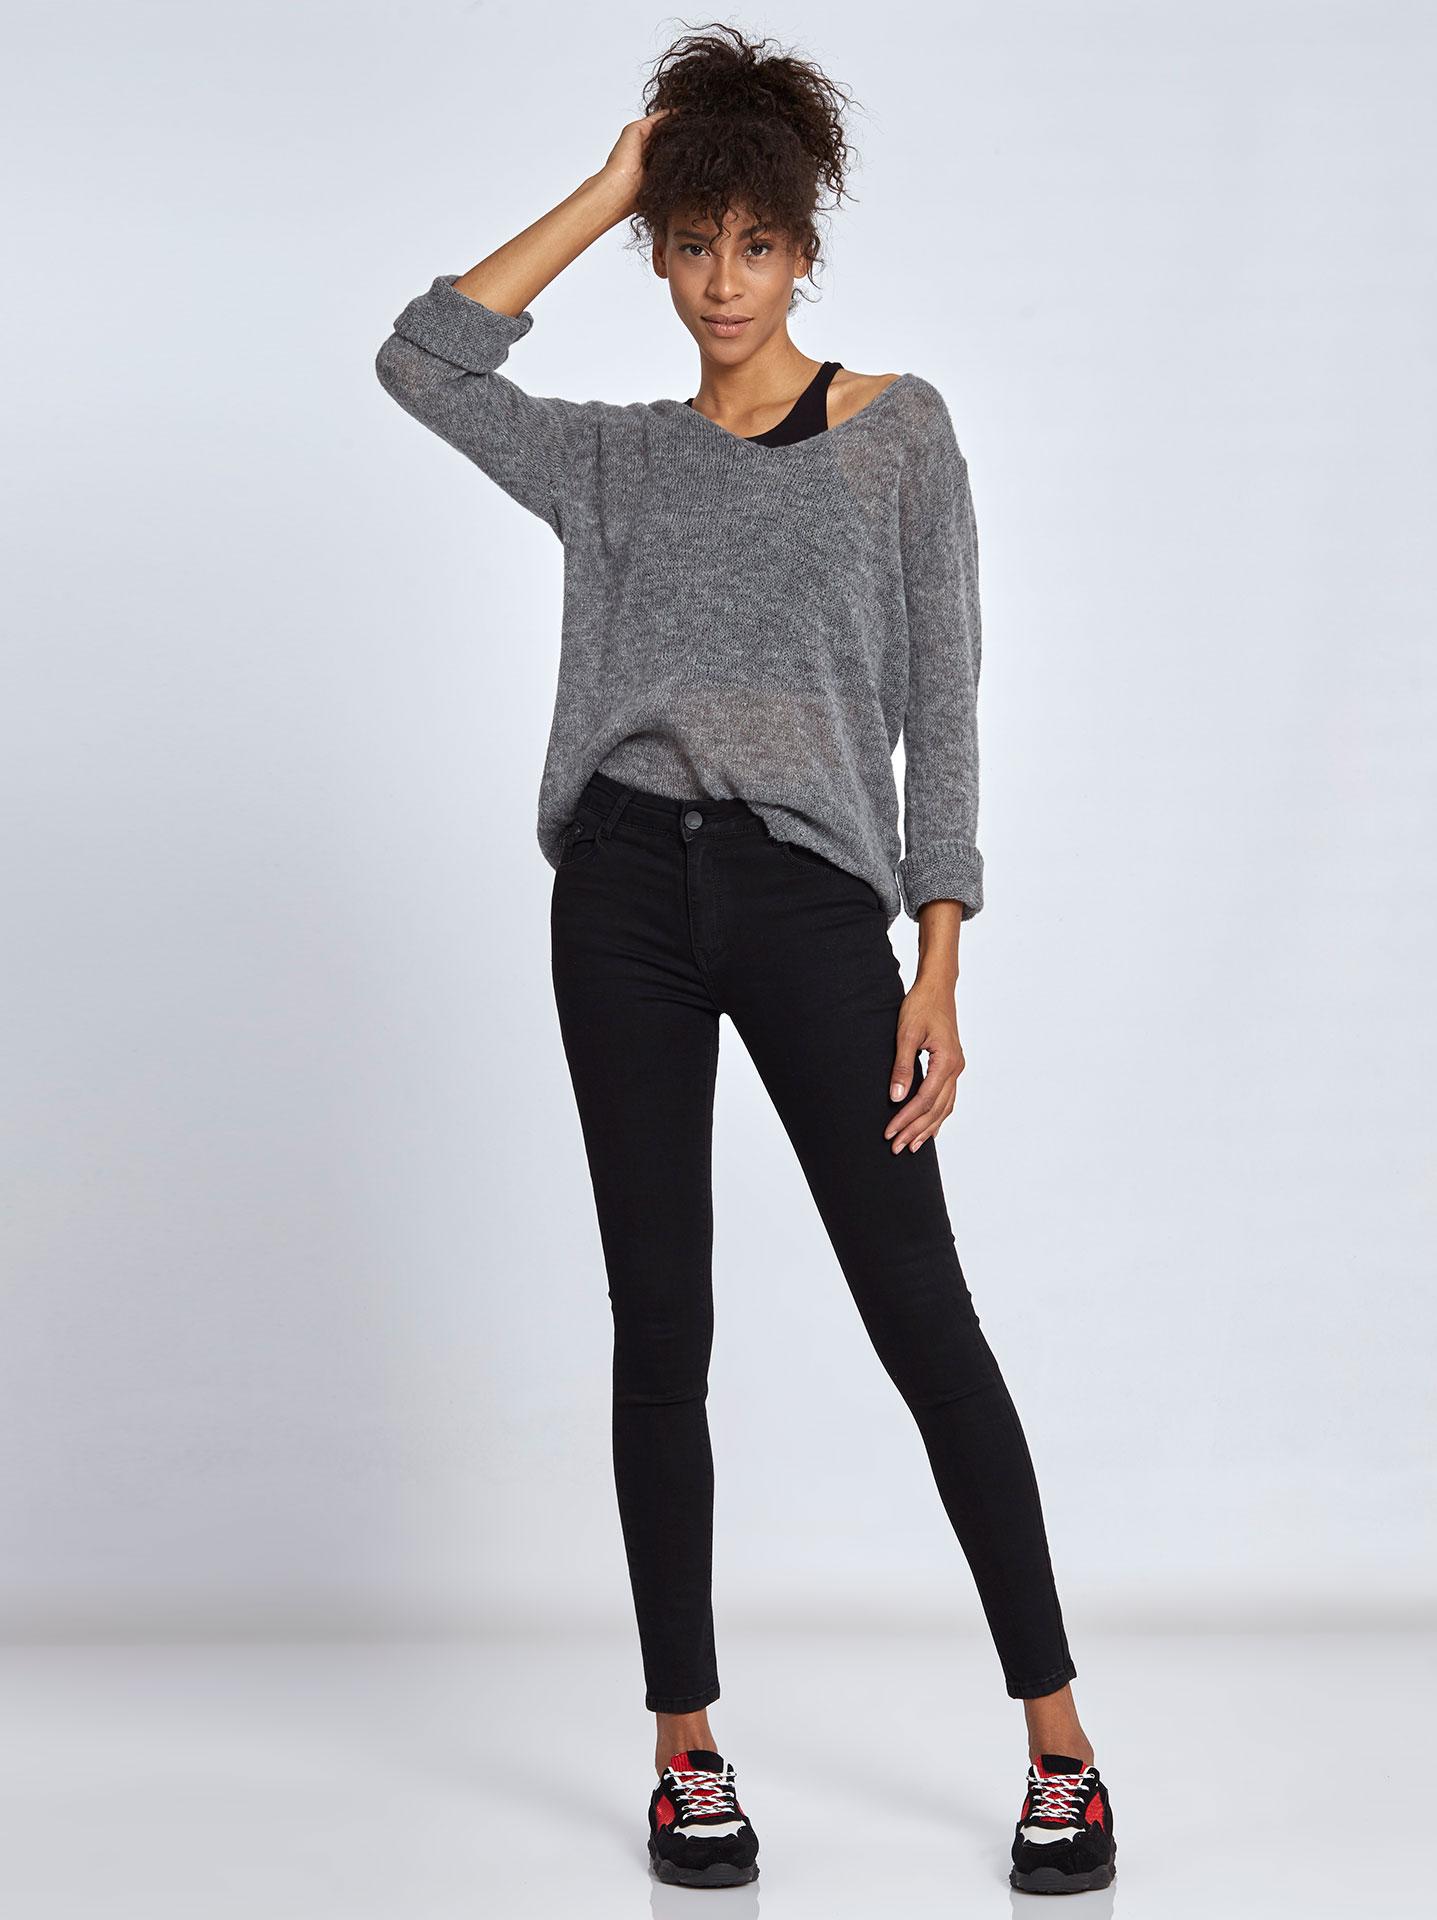 da965331a97 Γυναικεία Ρούχα Παντελόνια Skinny τζιν παντελόνι WL196.1010+1